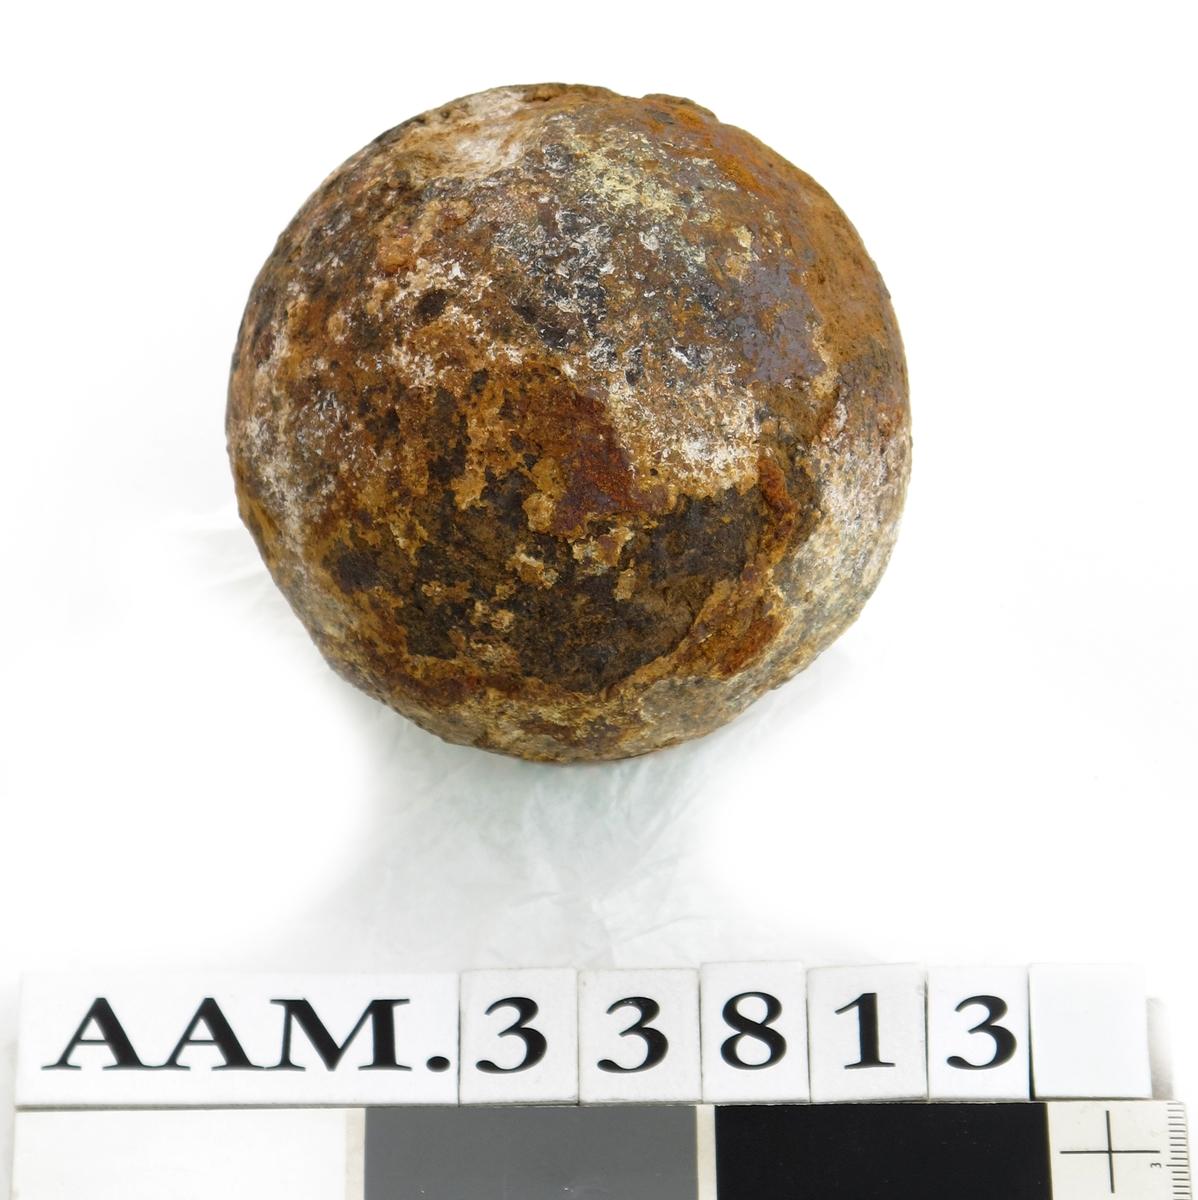 Kanonkule, opprinnelig støpt av jern, sterkt omdannet av 200 år i sjøvann og påfølgende konservering. Kula er vesentlig lettere enn jern, den består trolig av grafitt.